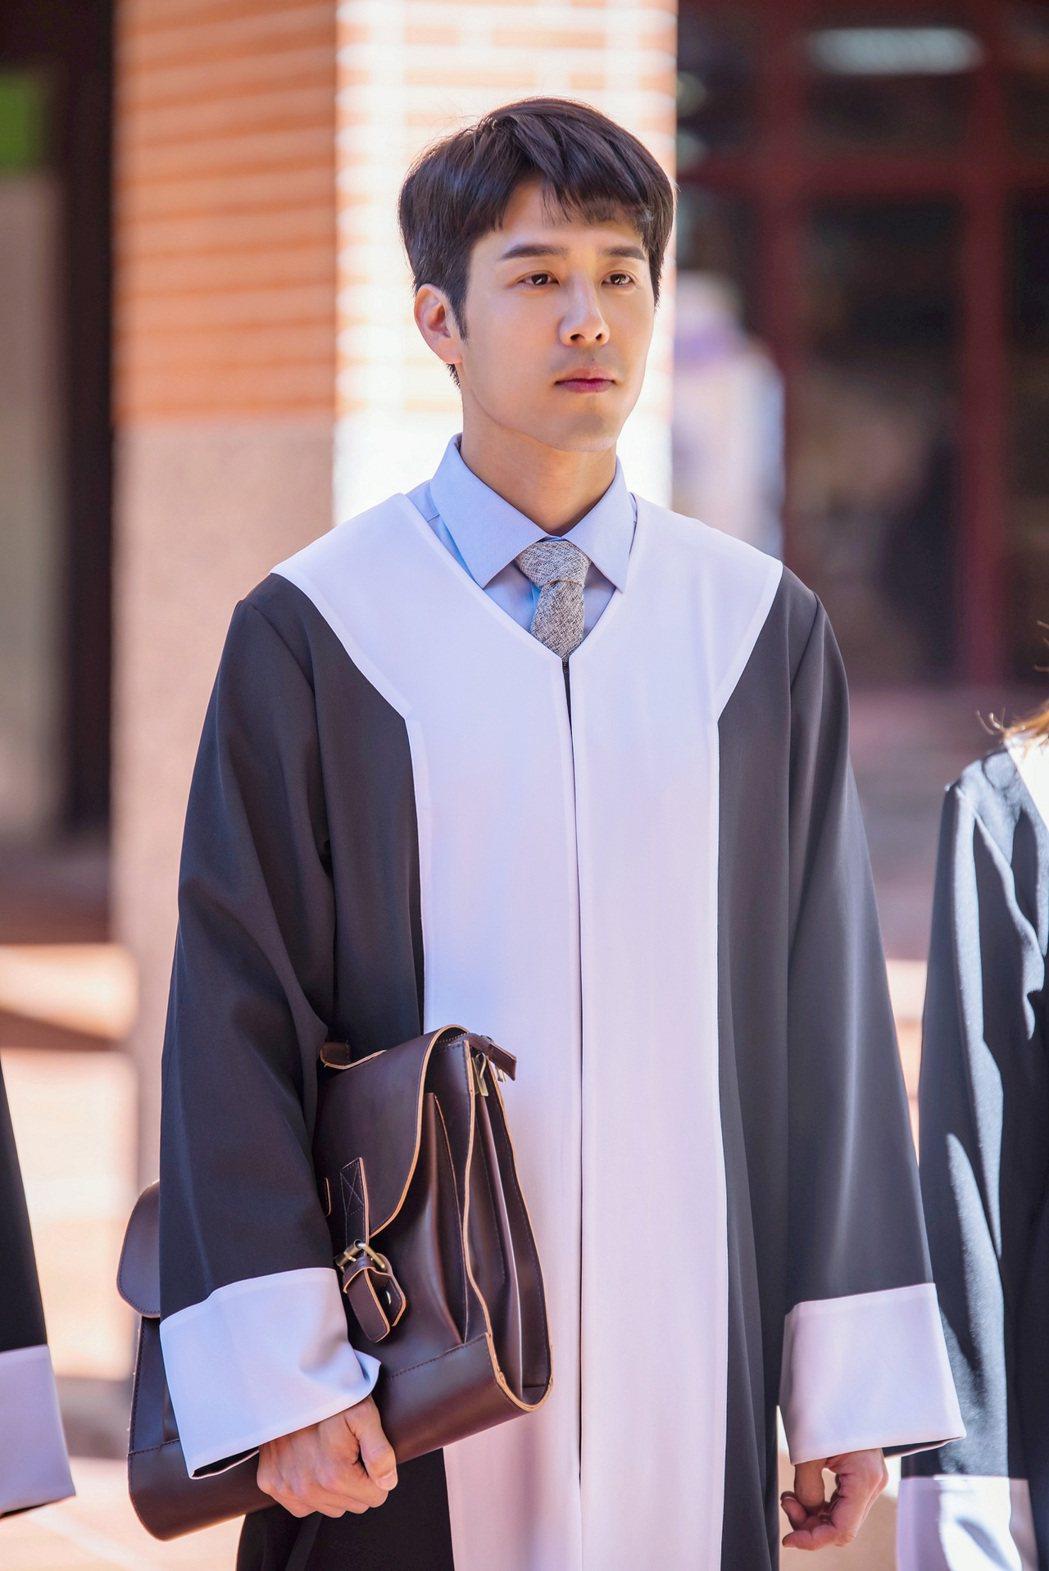 胡宇威在「王牌辯護人」中飾演王牌律師。圖/東森提供